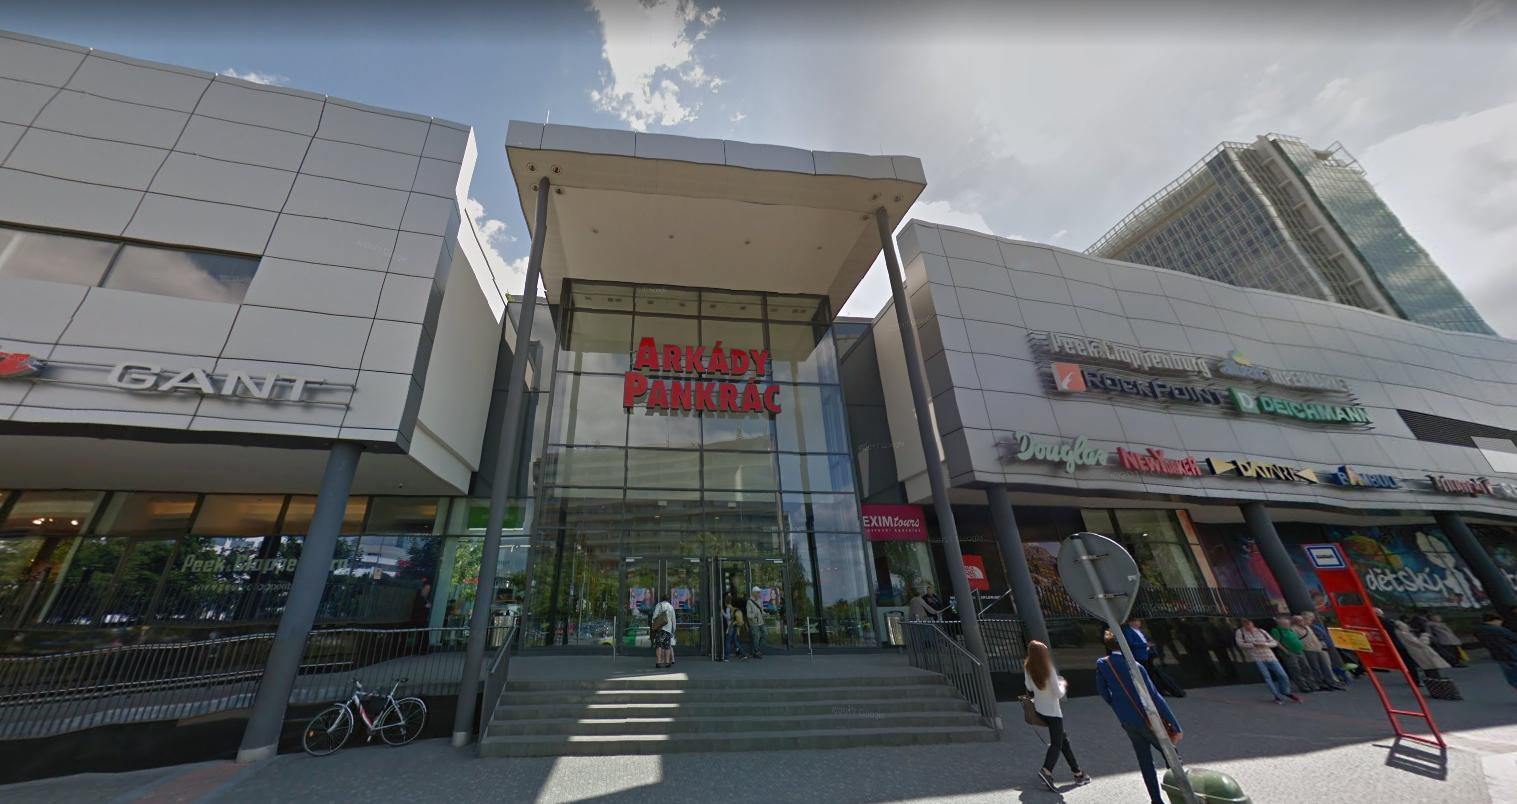 Obchod Camaieu Nákupní centrum Arkády Pankrác